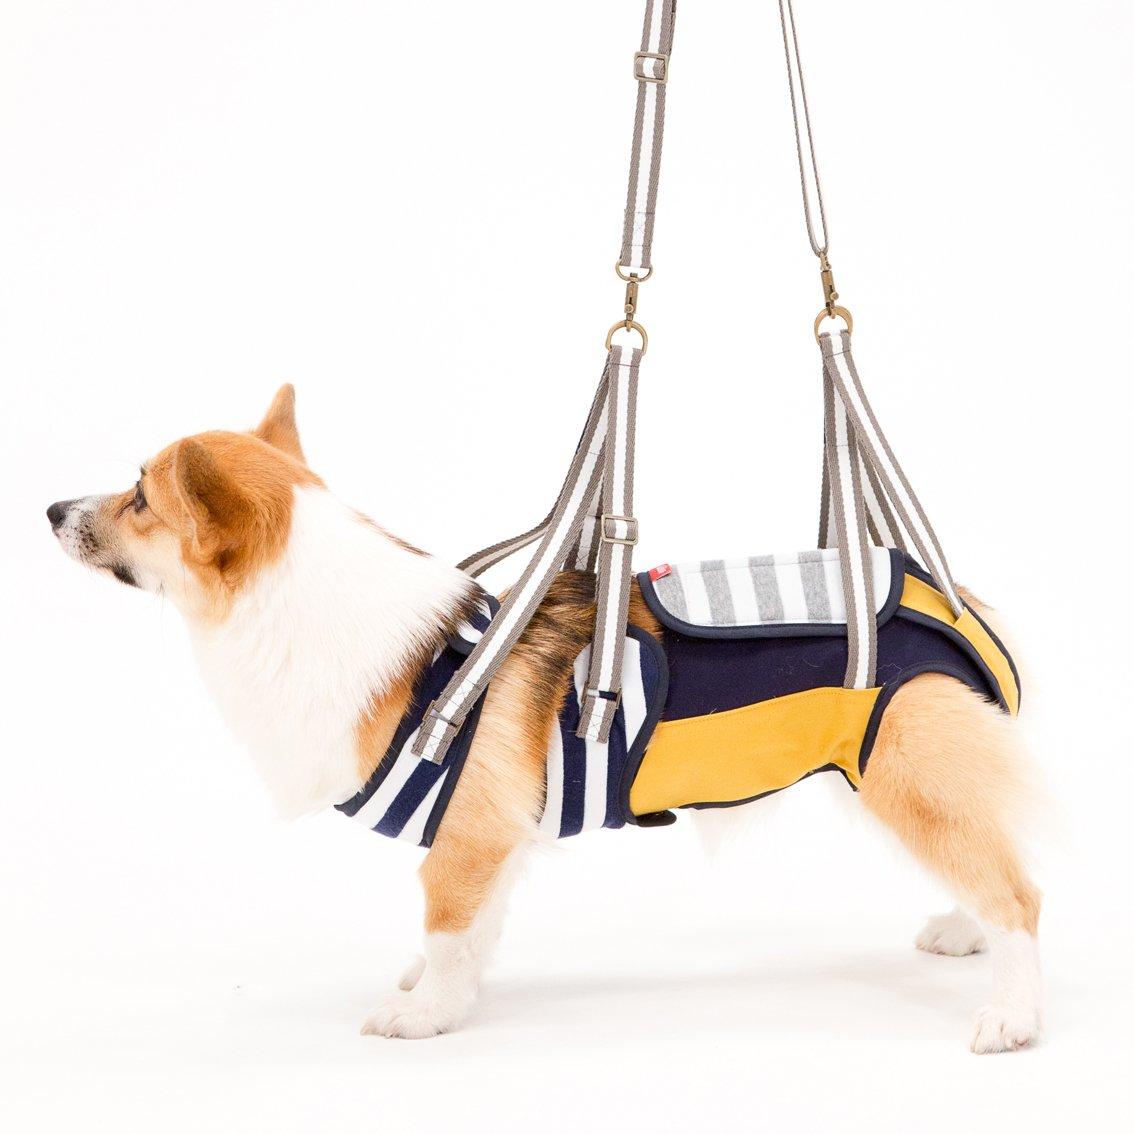 With(ウィズ) 歩行補助ハーネス LaLaWalk 中型犬コーギー用 ボーダーマスタード CMサイズ B01BBCT5BA  CLサイズ CLサイズ